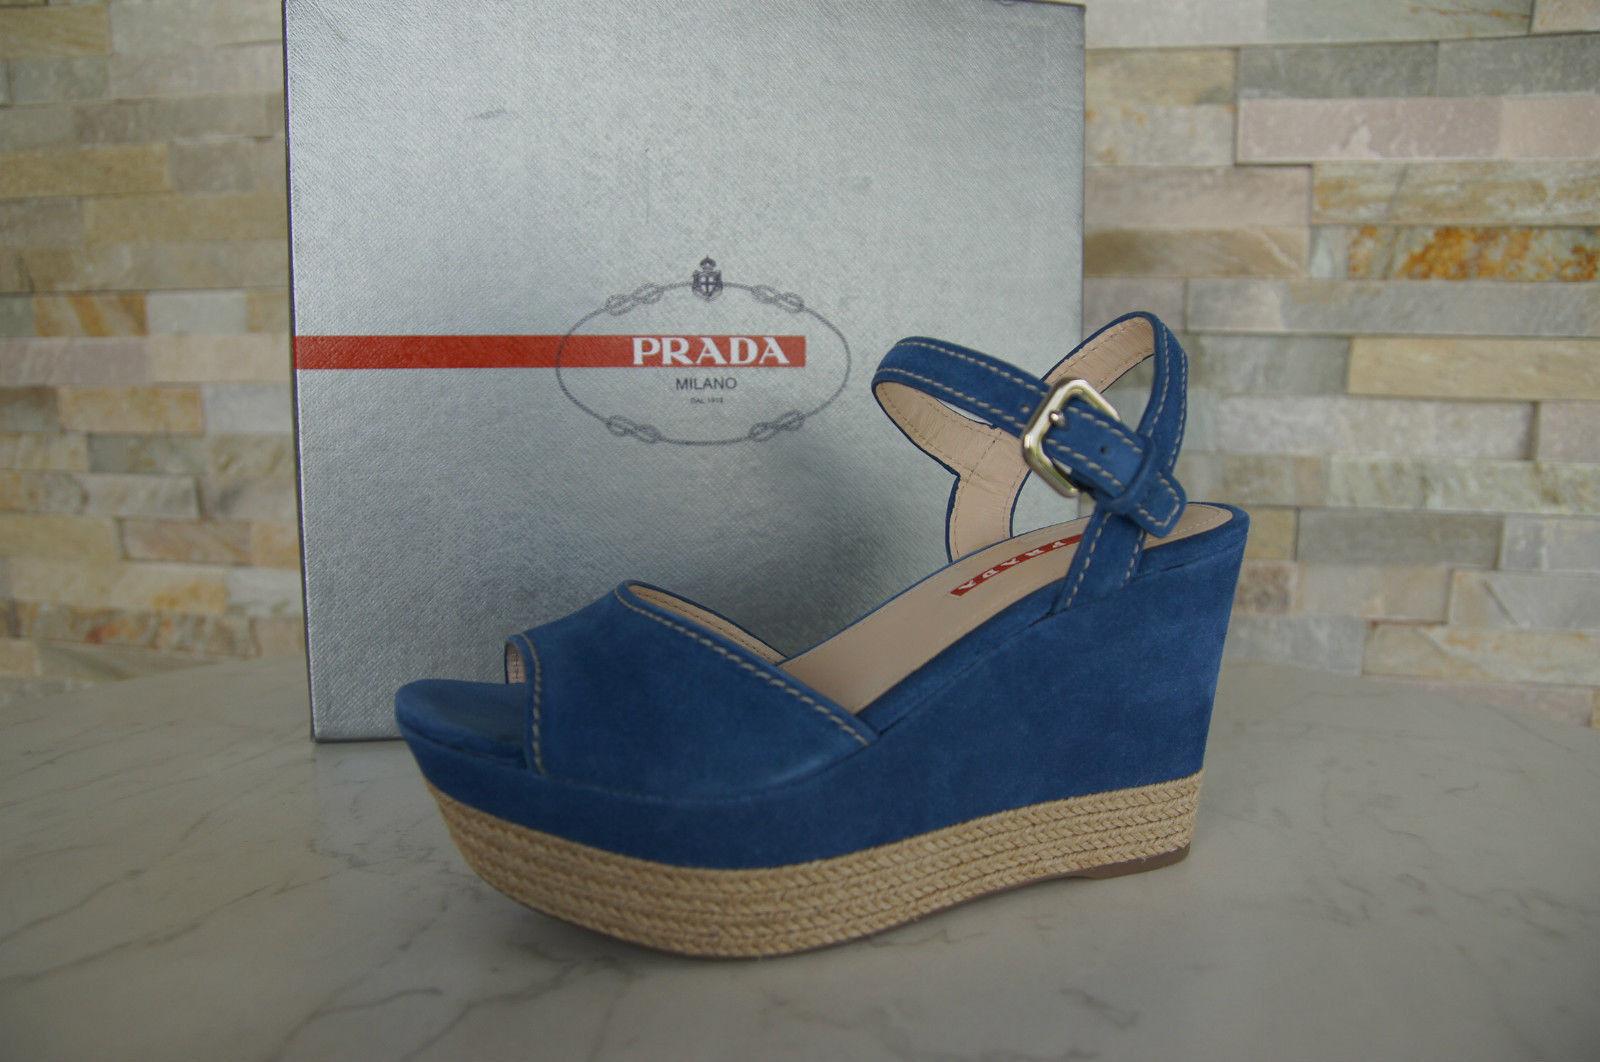 PRADA Dimensione 40 Piattaforma Sandals  scarpe Wedges Sisal blu NEW ex  prezzi bassi di tutti i giorni